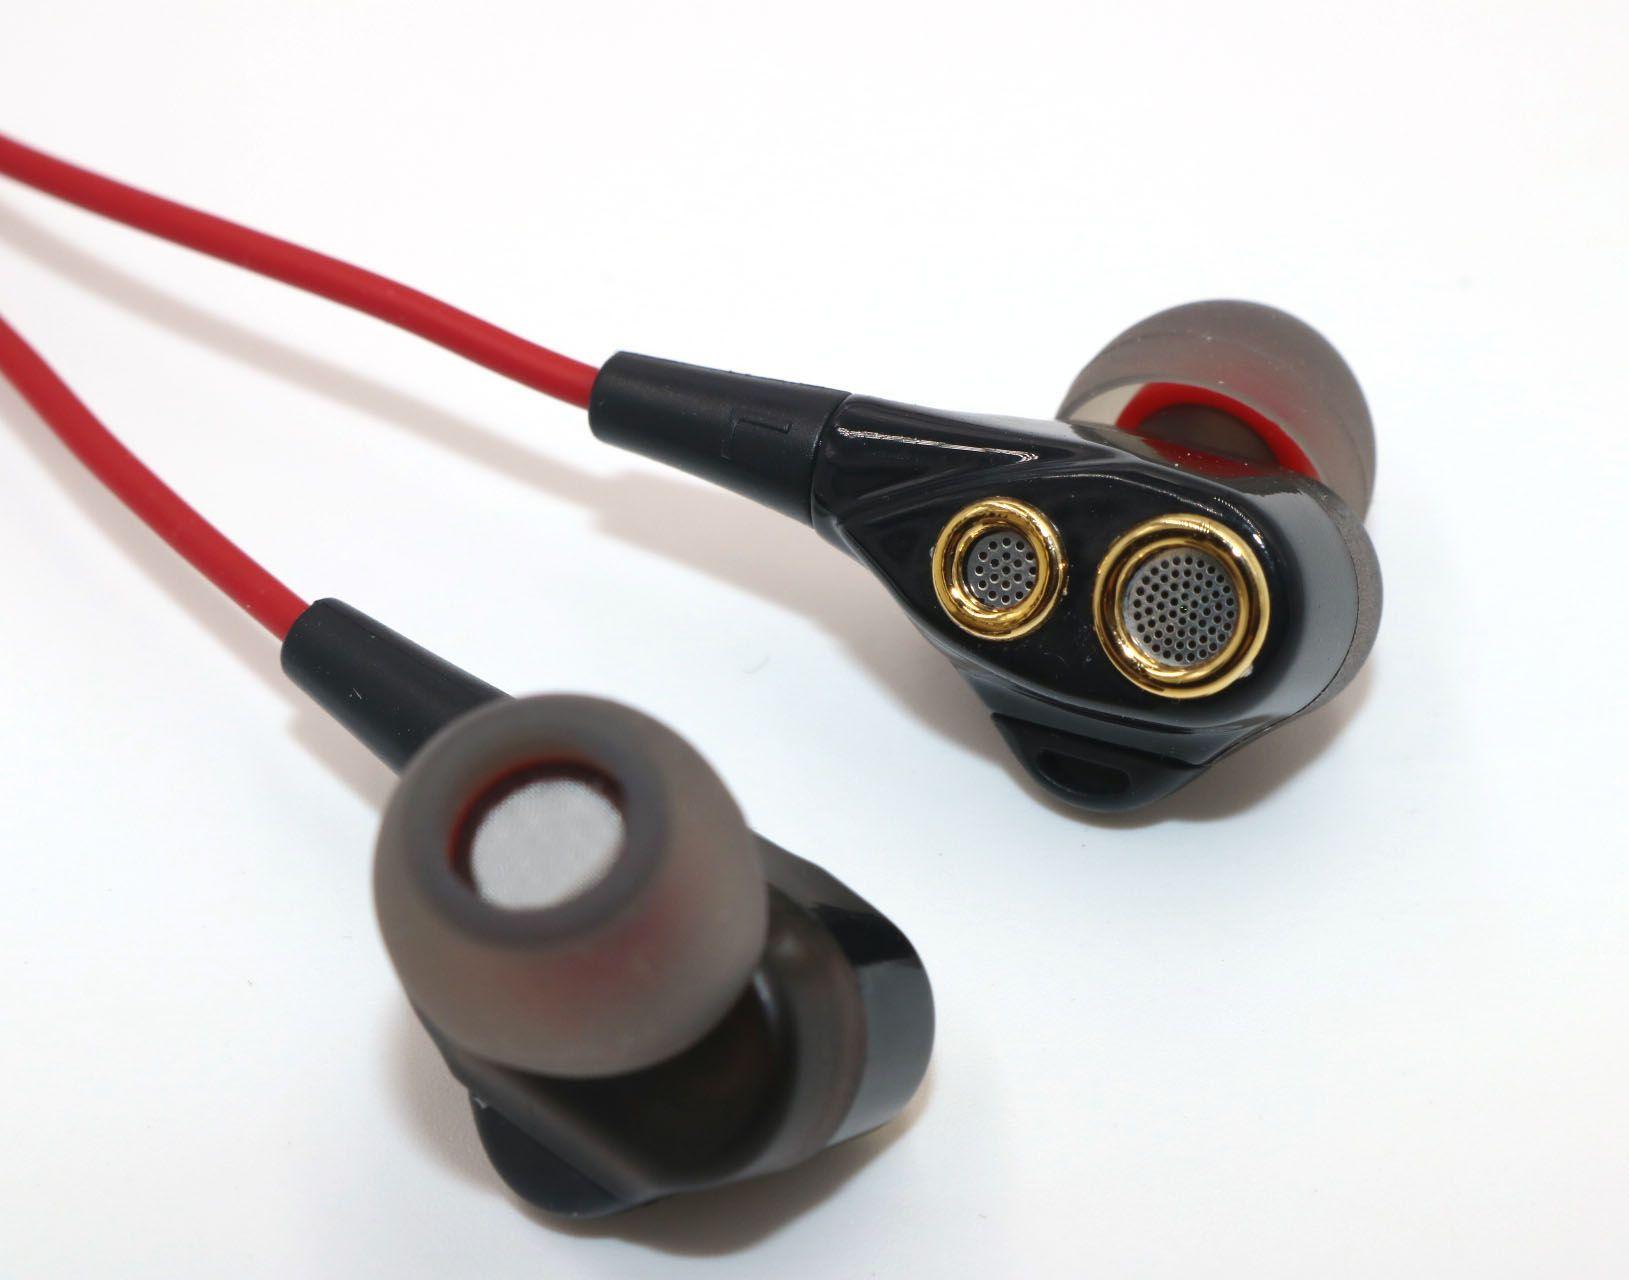 Yeni Casim Kulak Kulaklık Handsfree Kulaklık Kulaklık Uzaktan Ses Kontrolü ile iPhone Samsung Galaxy S8 3.5mm Dinamik Sürücüler Bass